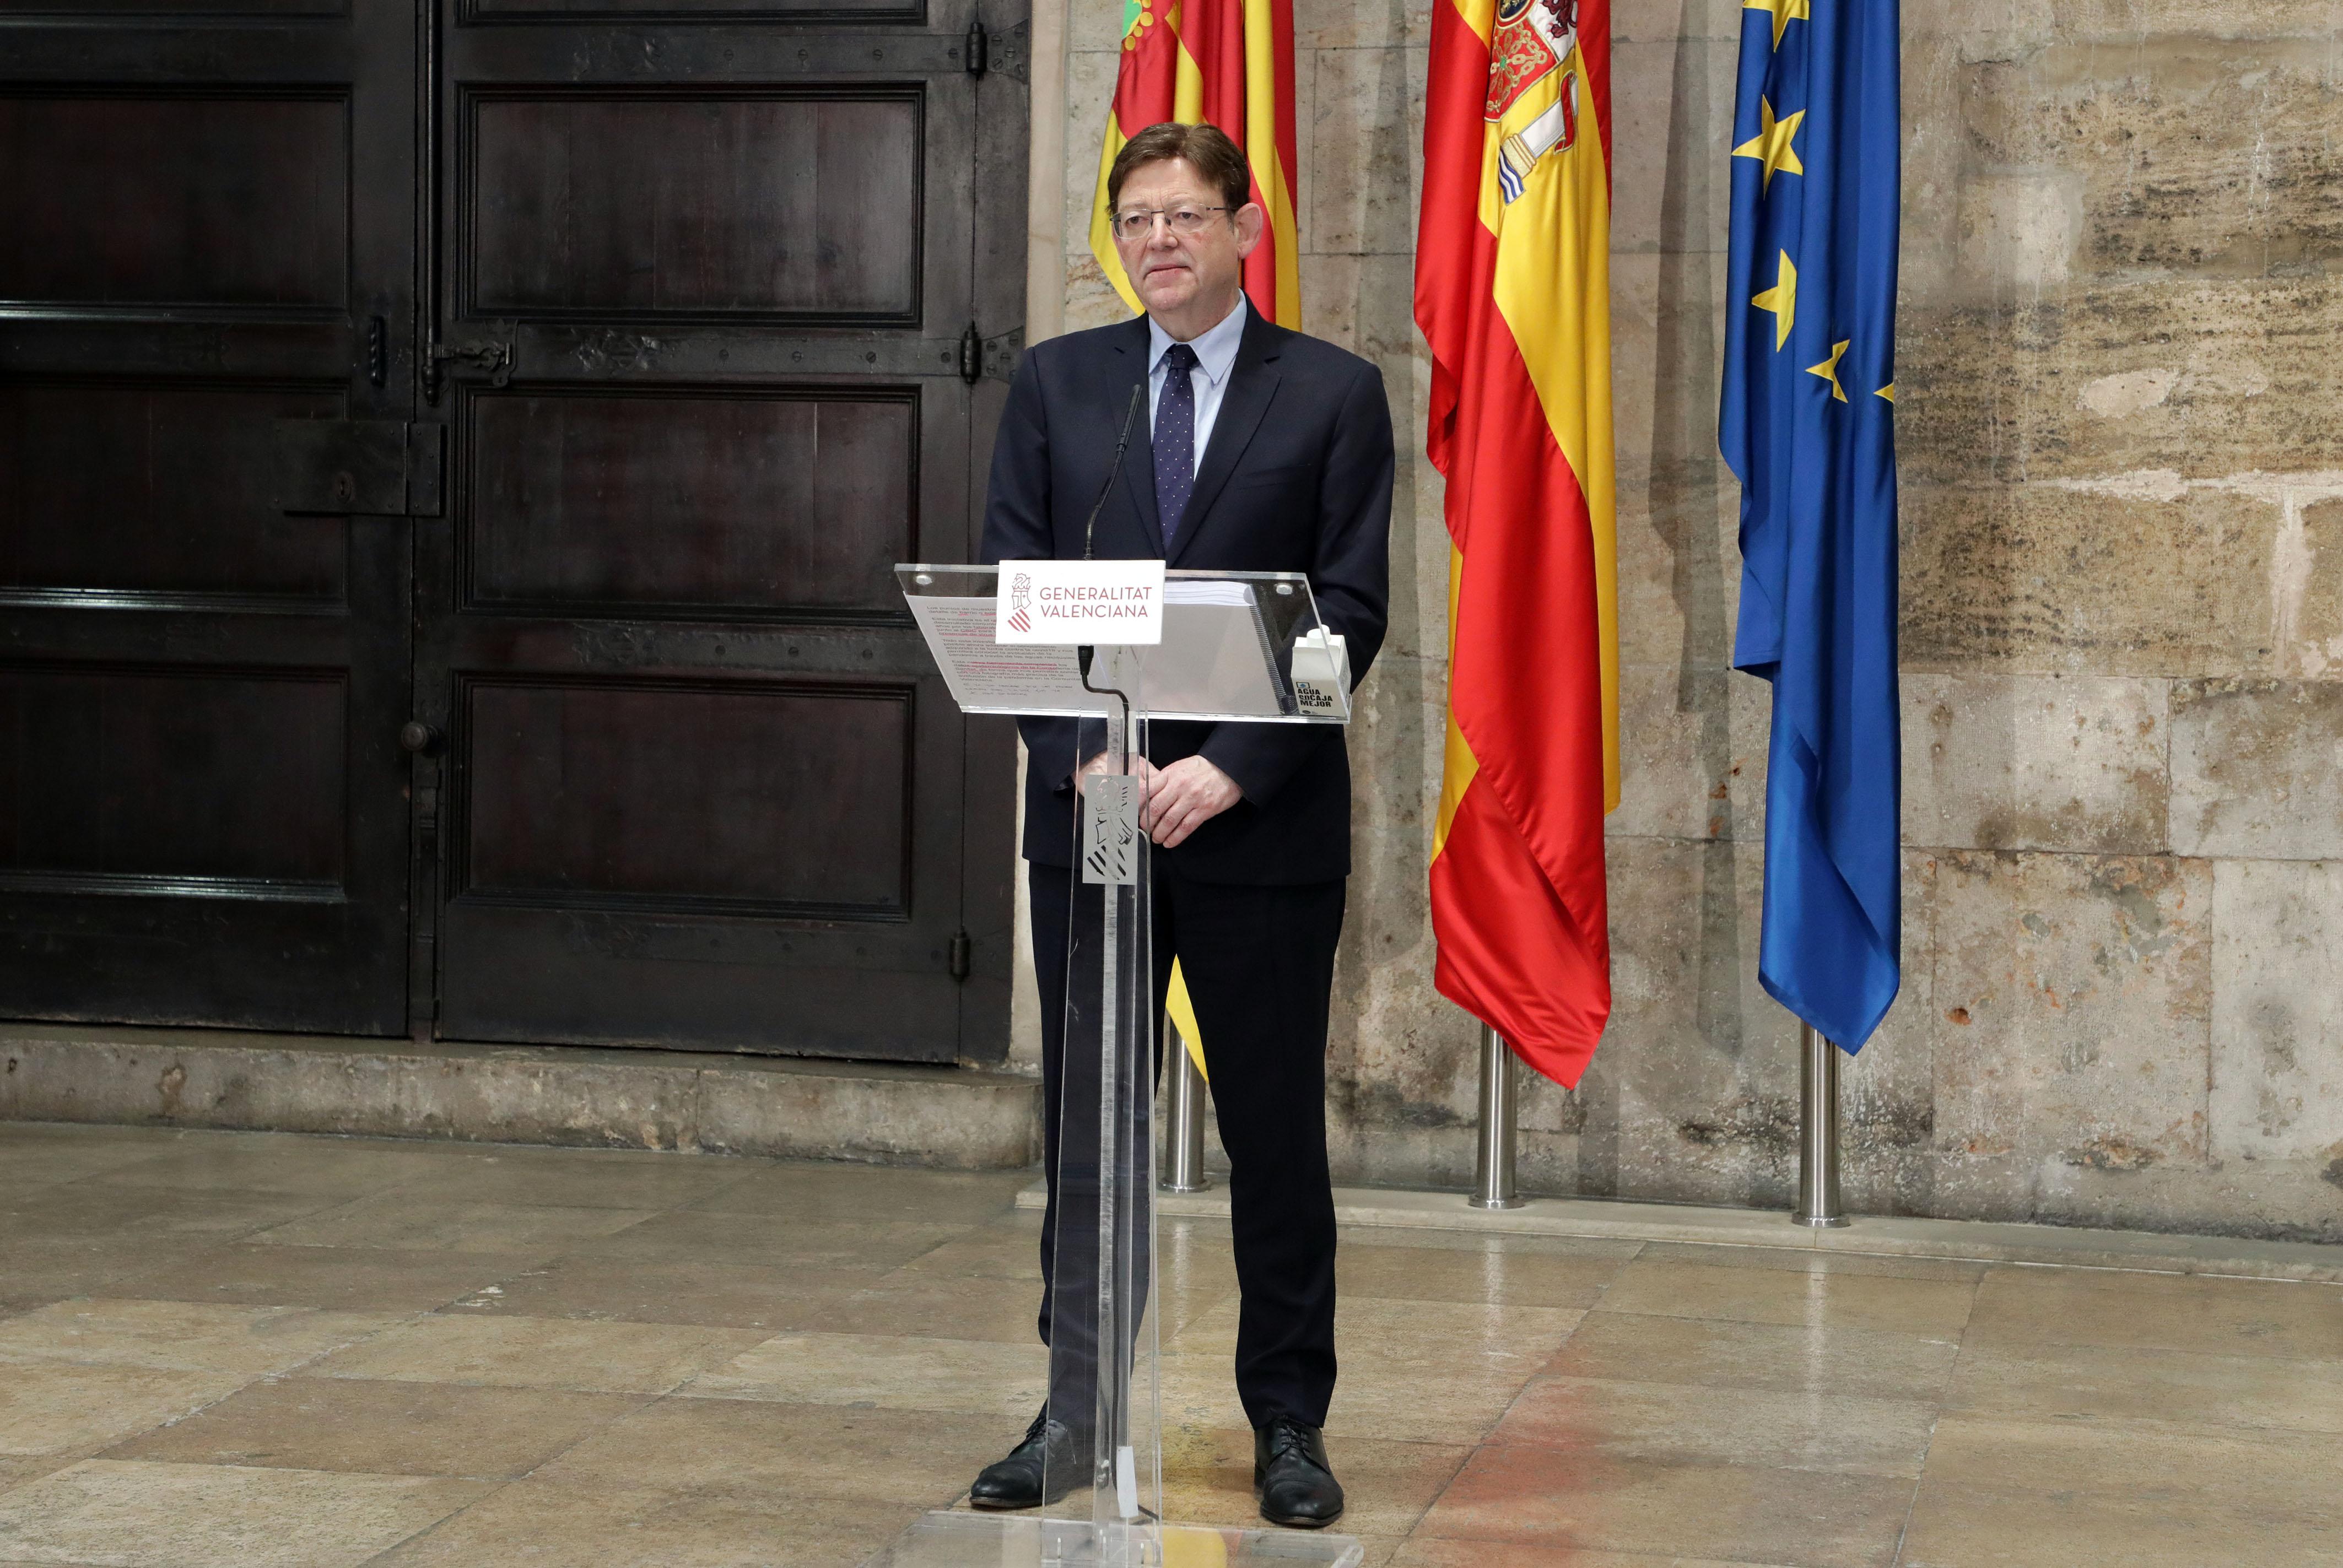 Ximo Puig anuncia que la Generalitat utilitzarà una eina de detecció precoç del coronavirus basada en la presència del SARS-CoV-2 en aigües residuals